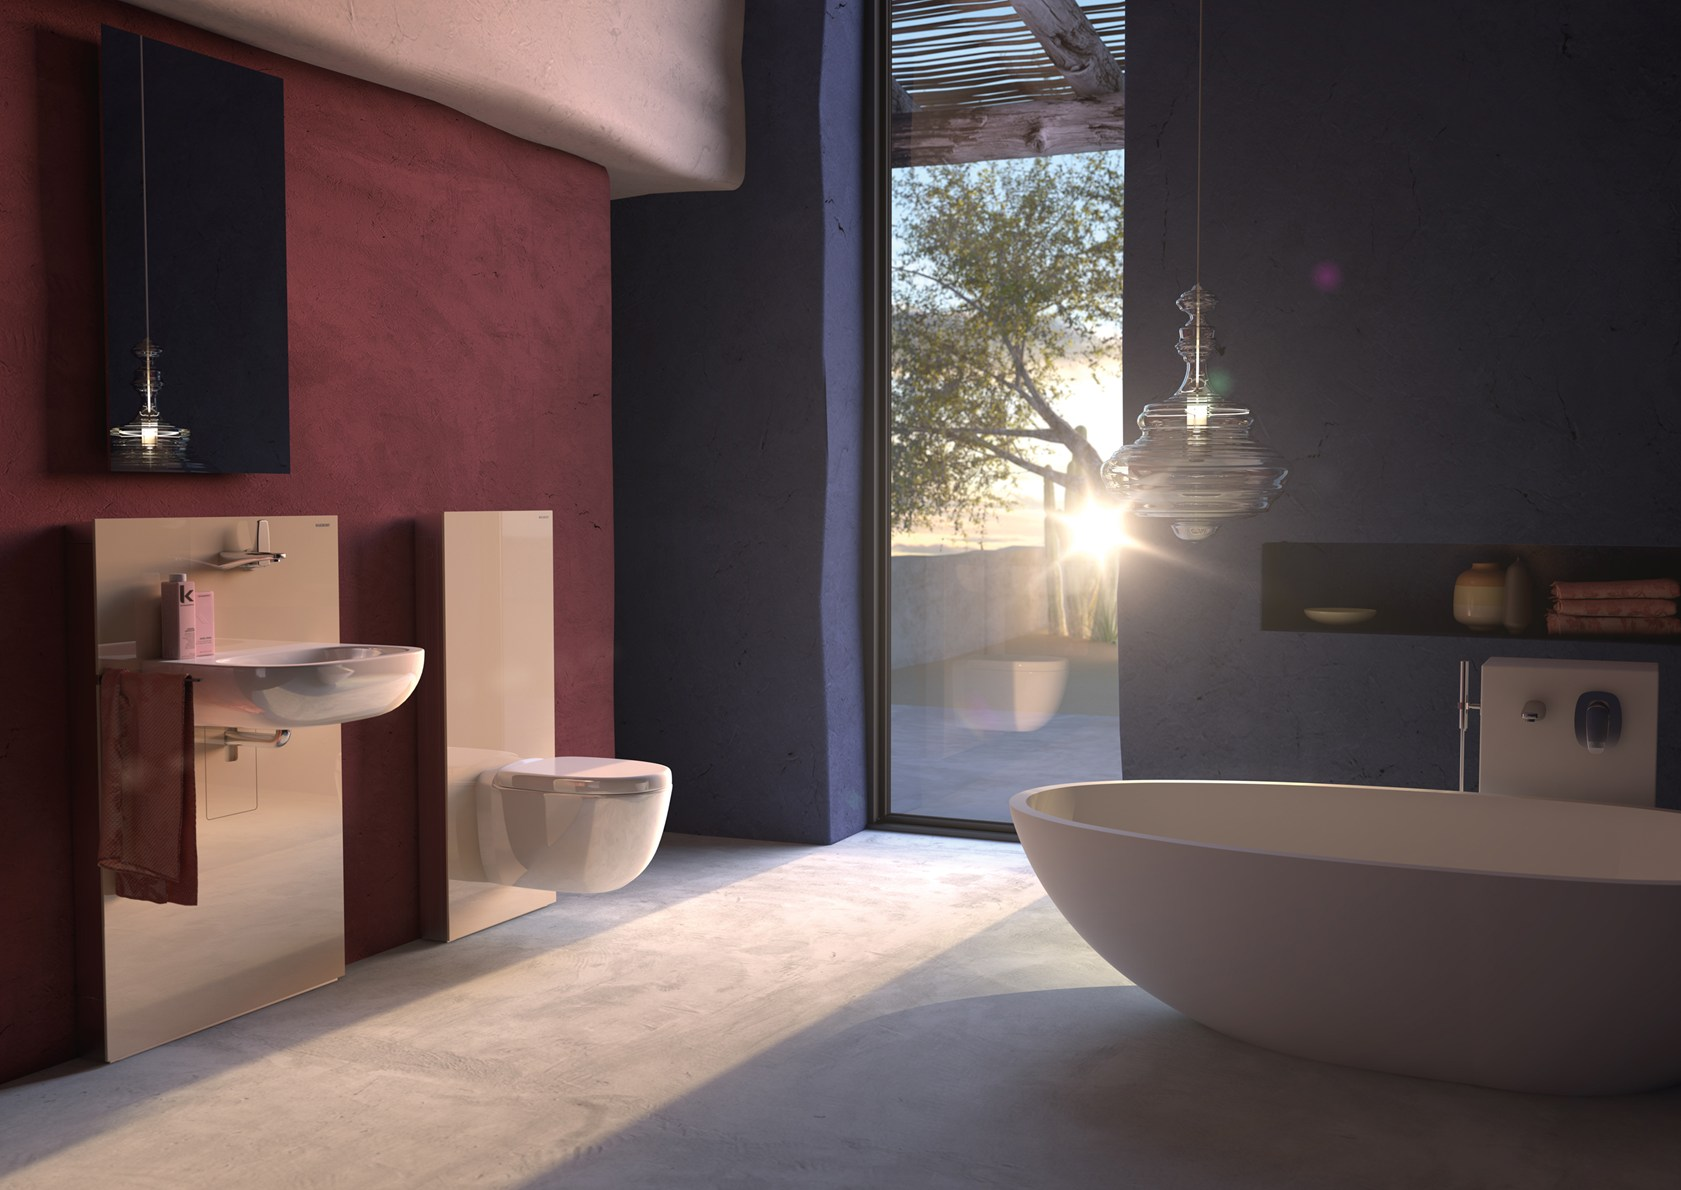 Tecnologia e design per progettare il bagno sostenibile - Progettare il bagno on line ...